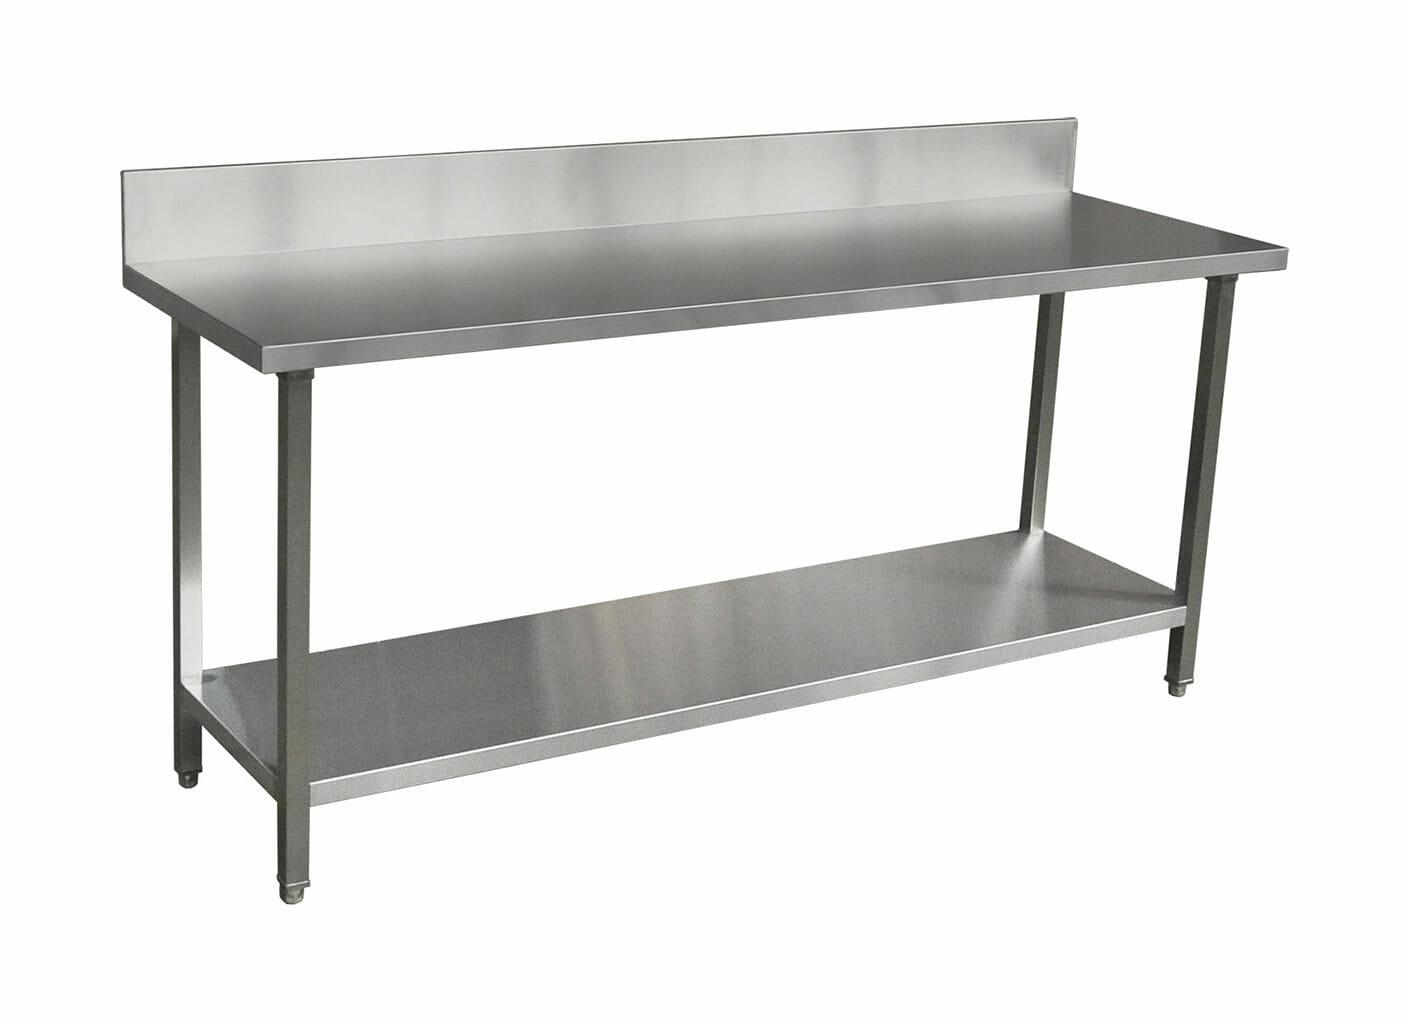 Commercial Grade Stainless Steel Splashback Bench, Premium Range 2000 X 610 X 900mm high